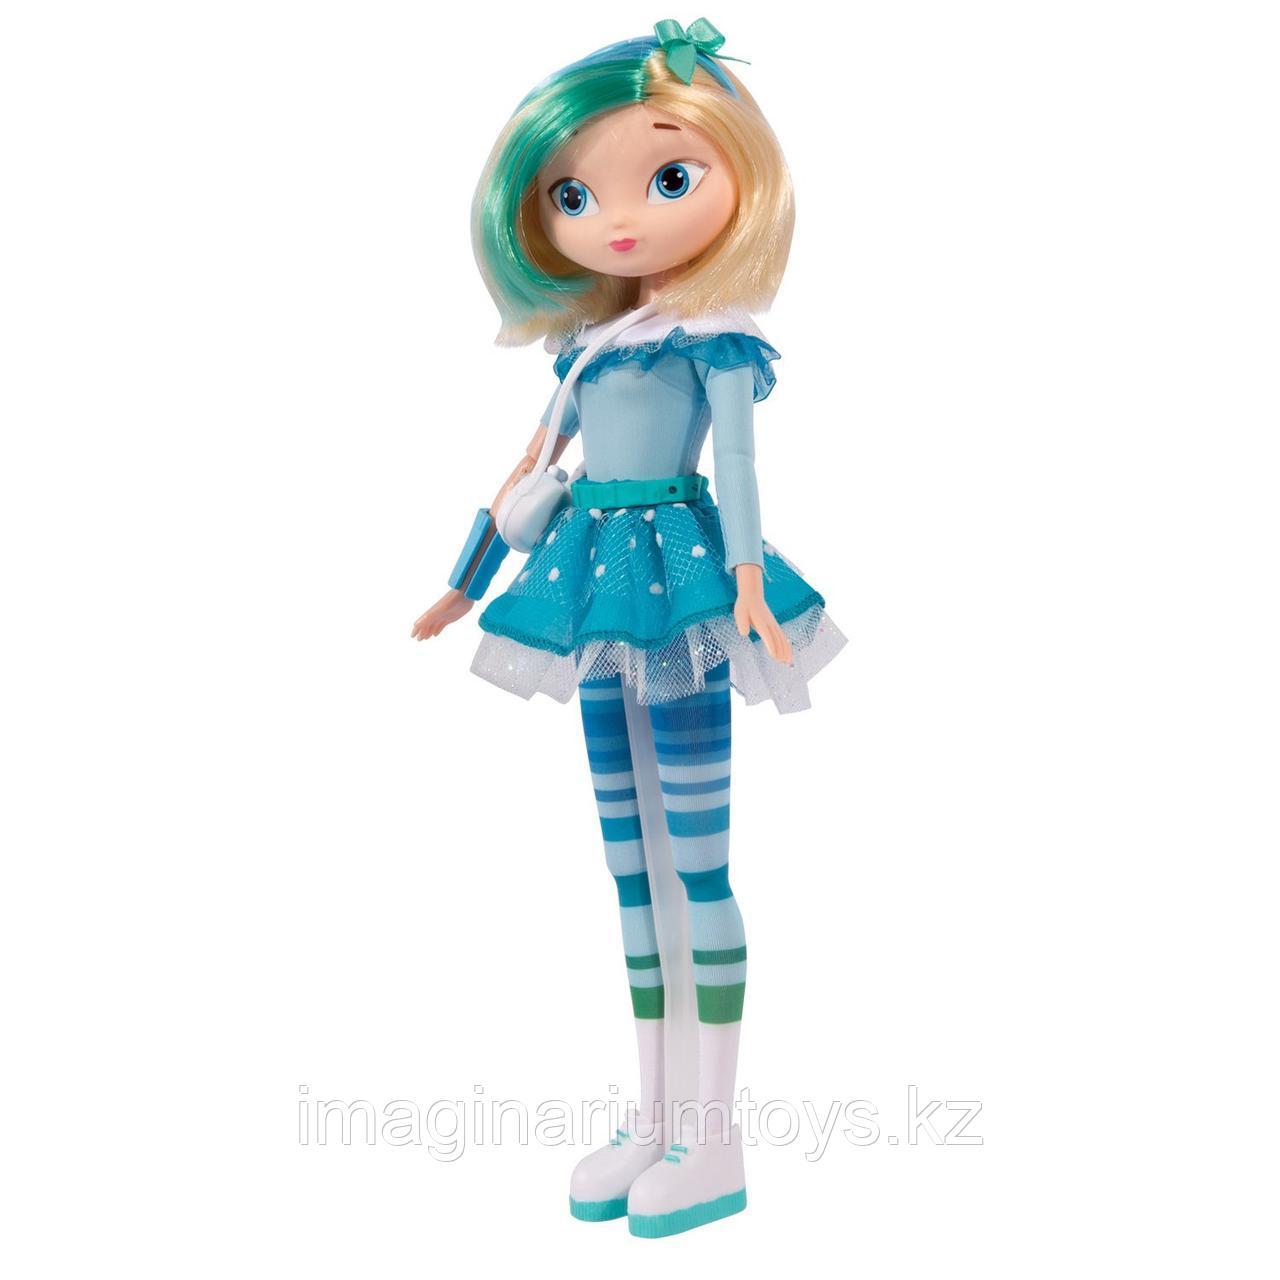 Кукла Сказочный патруль Снежка серия Casual 30 см